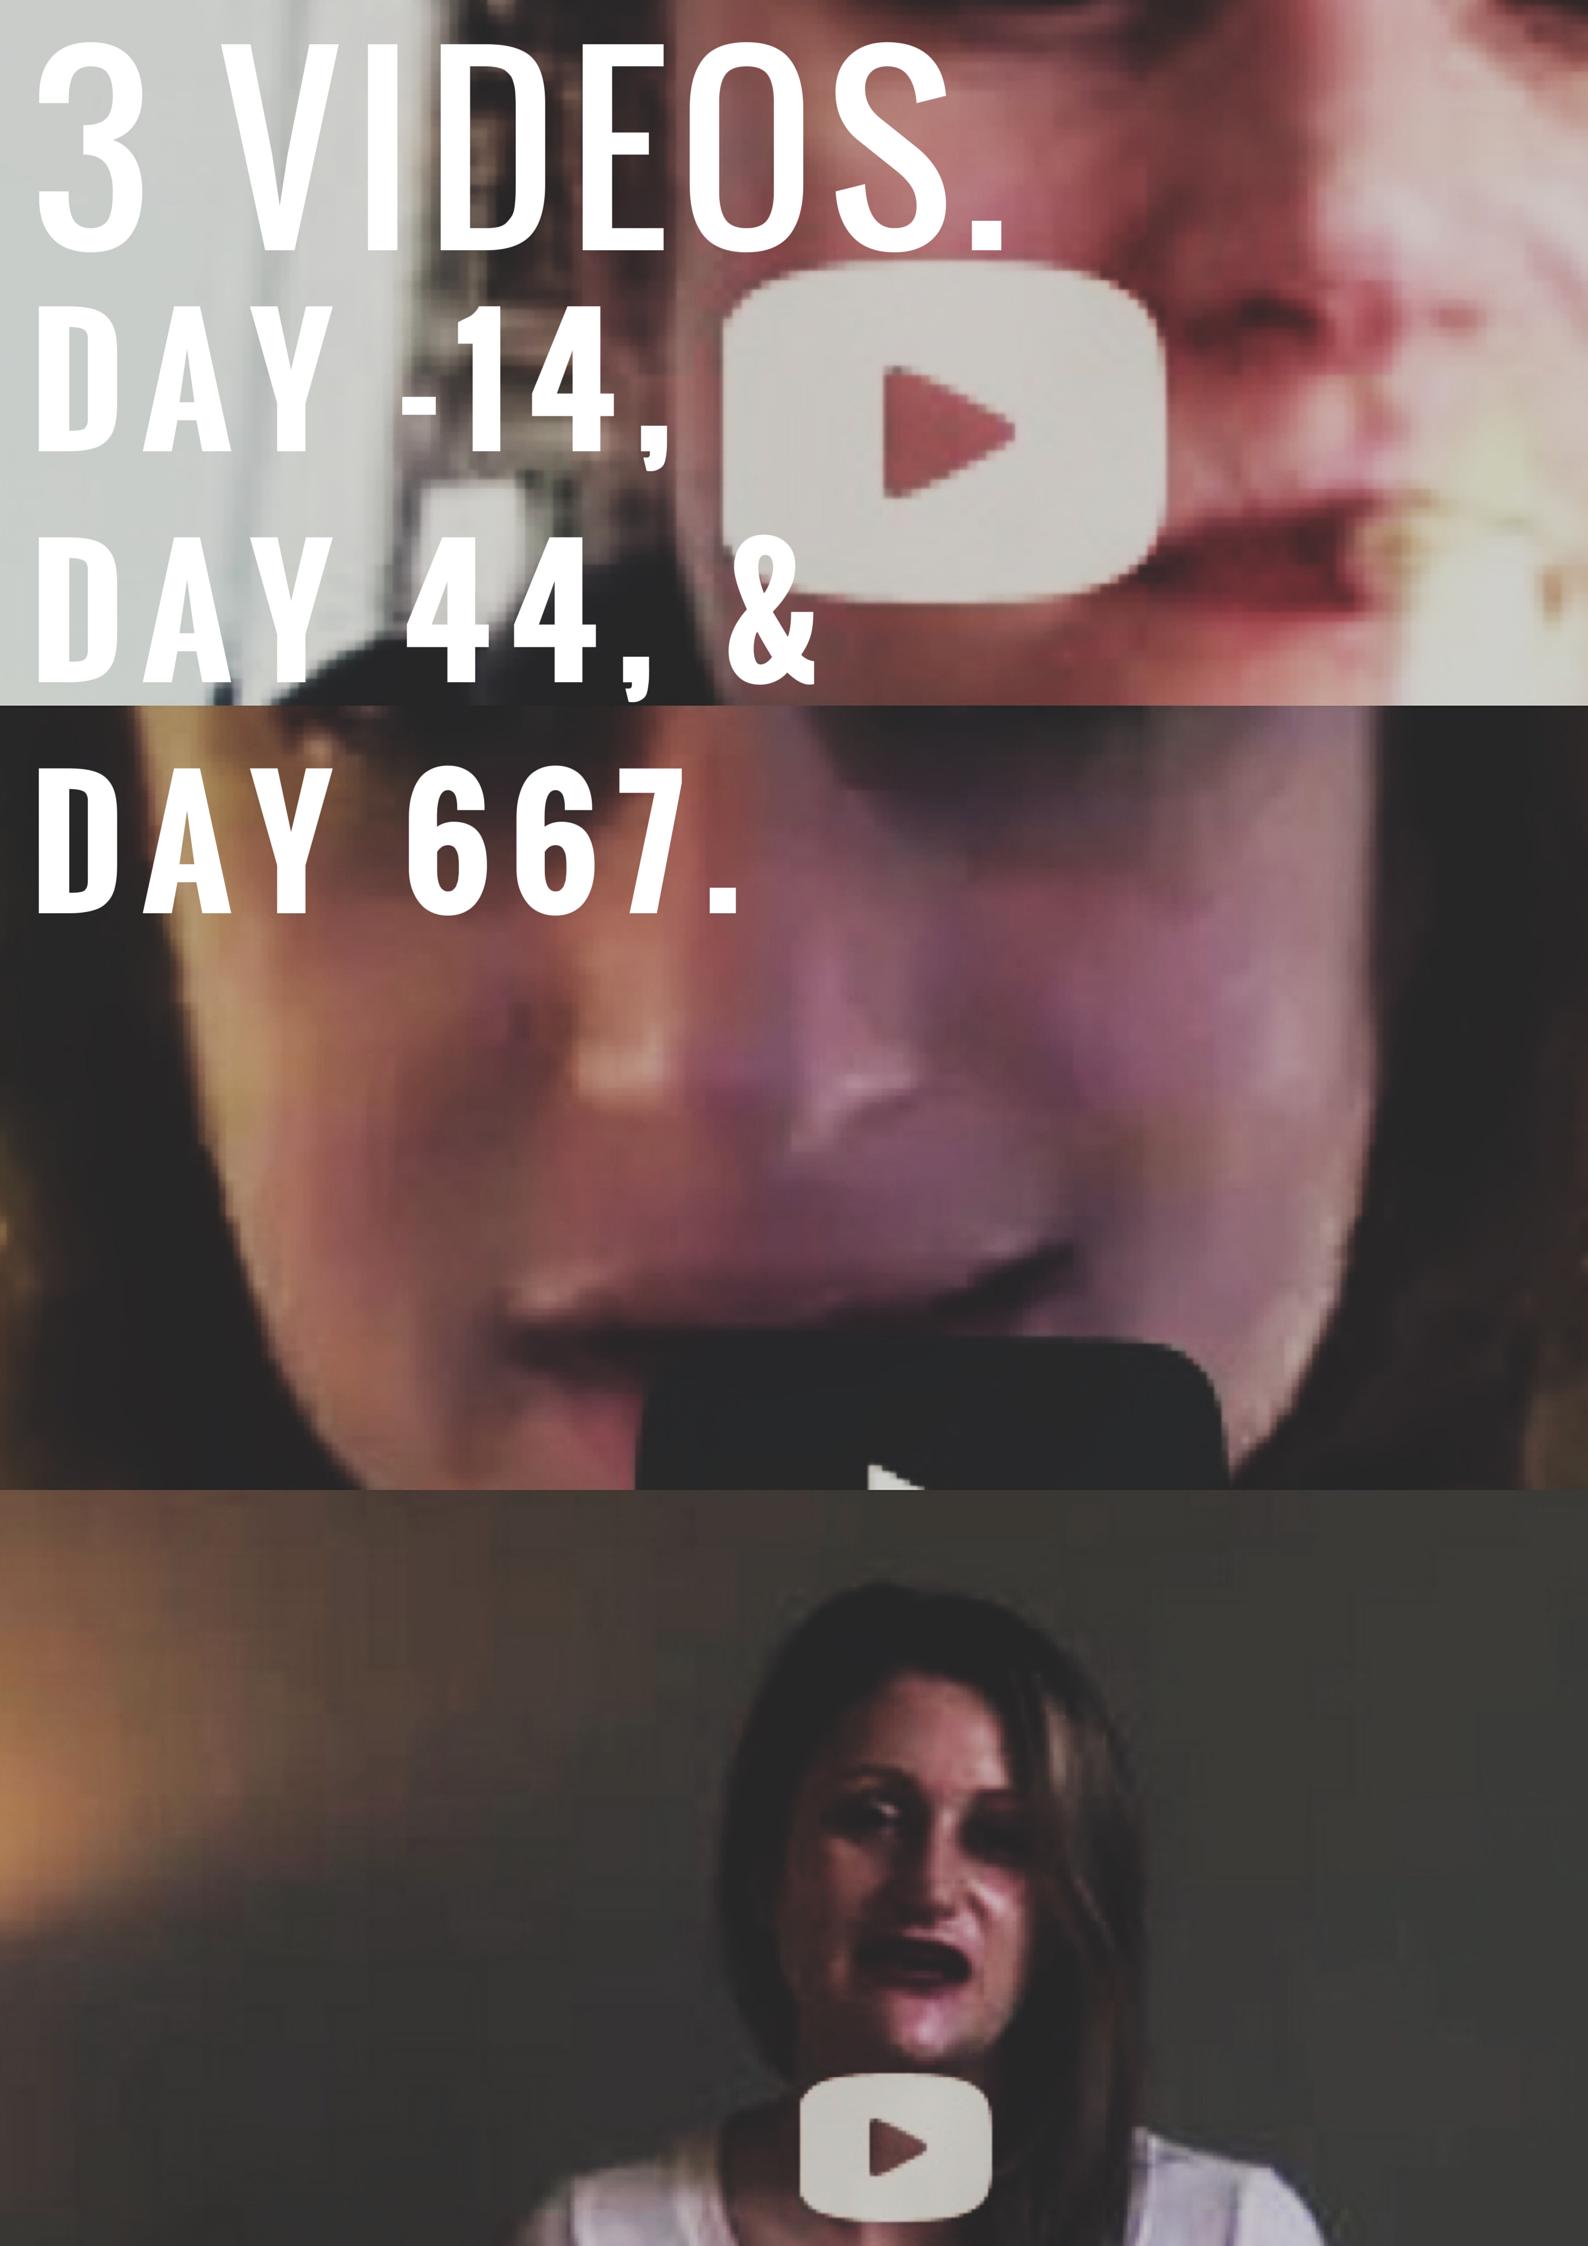 3 VIDEOS